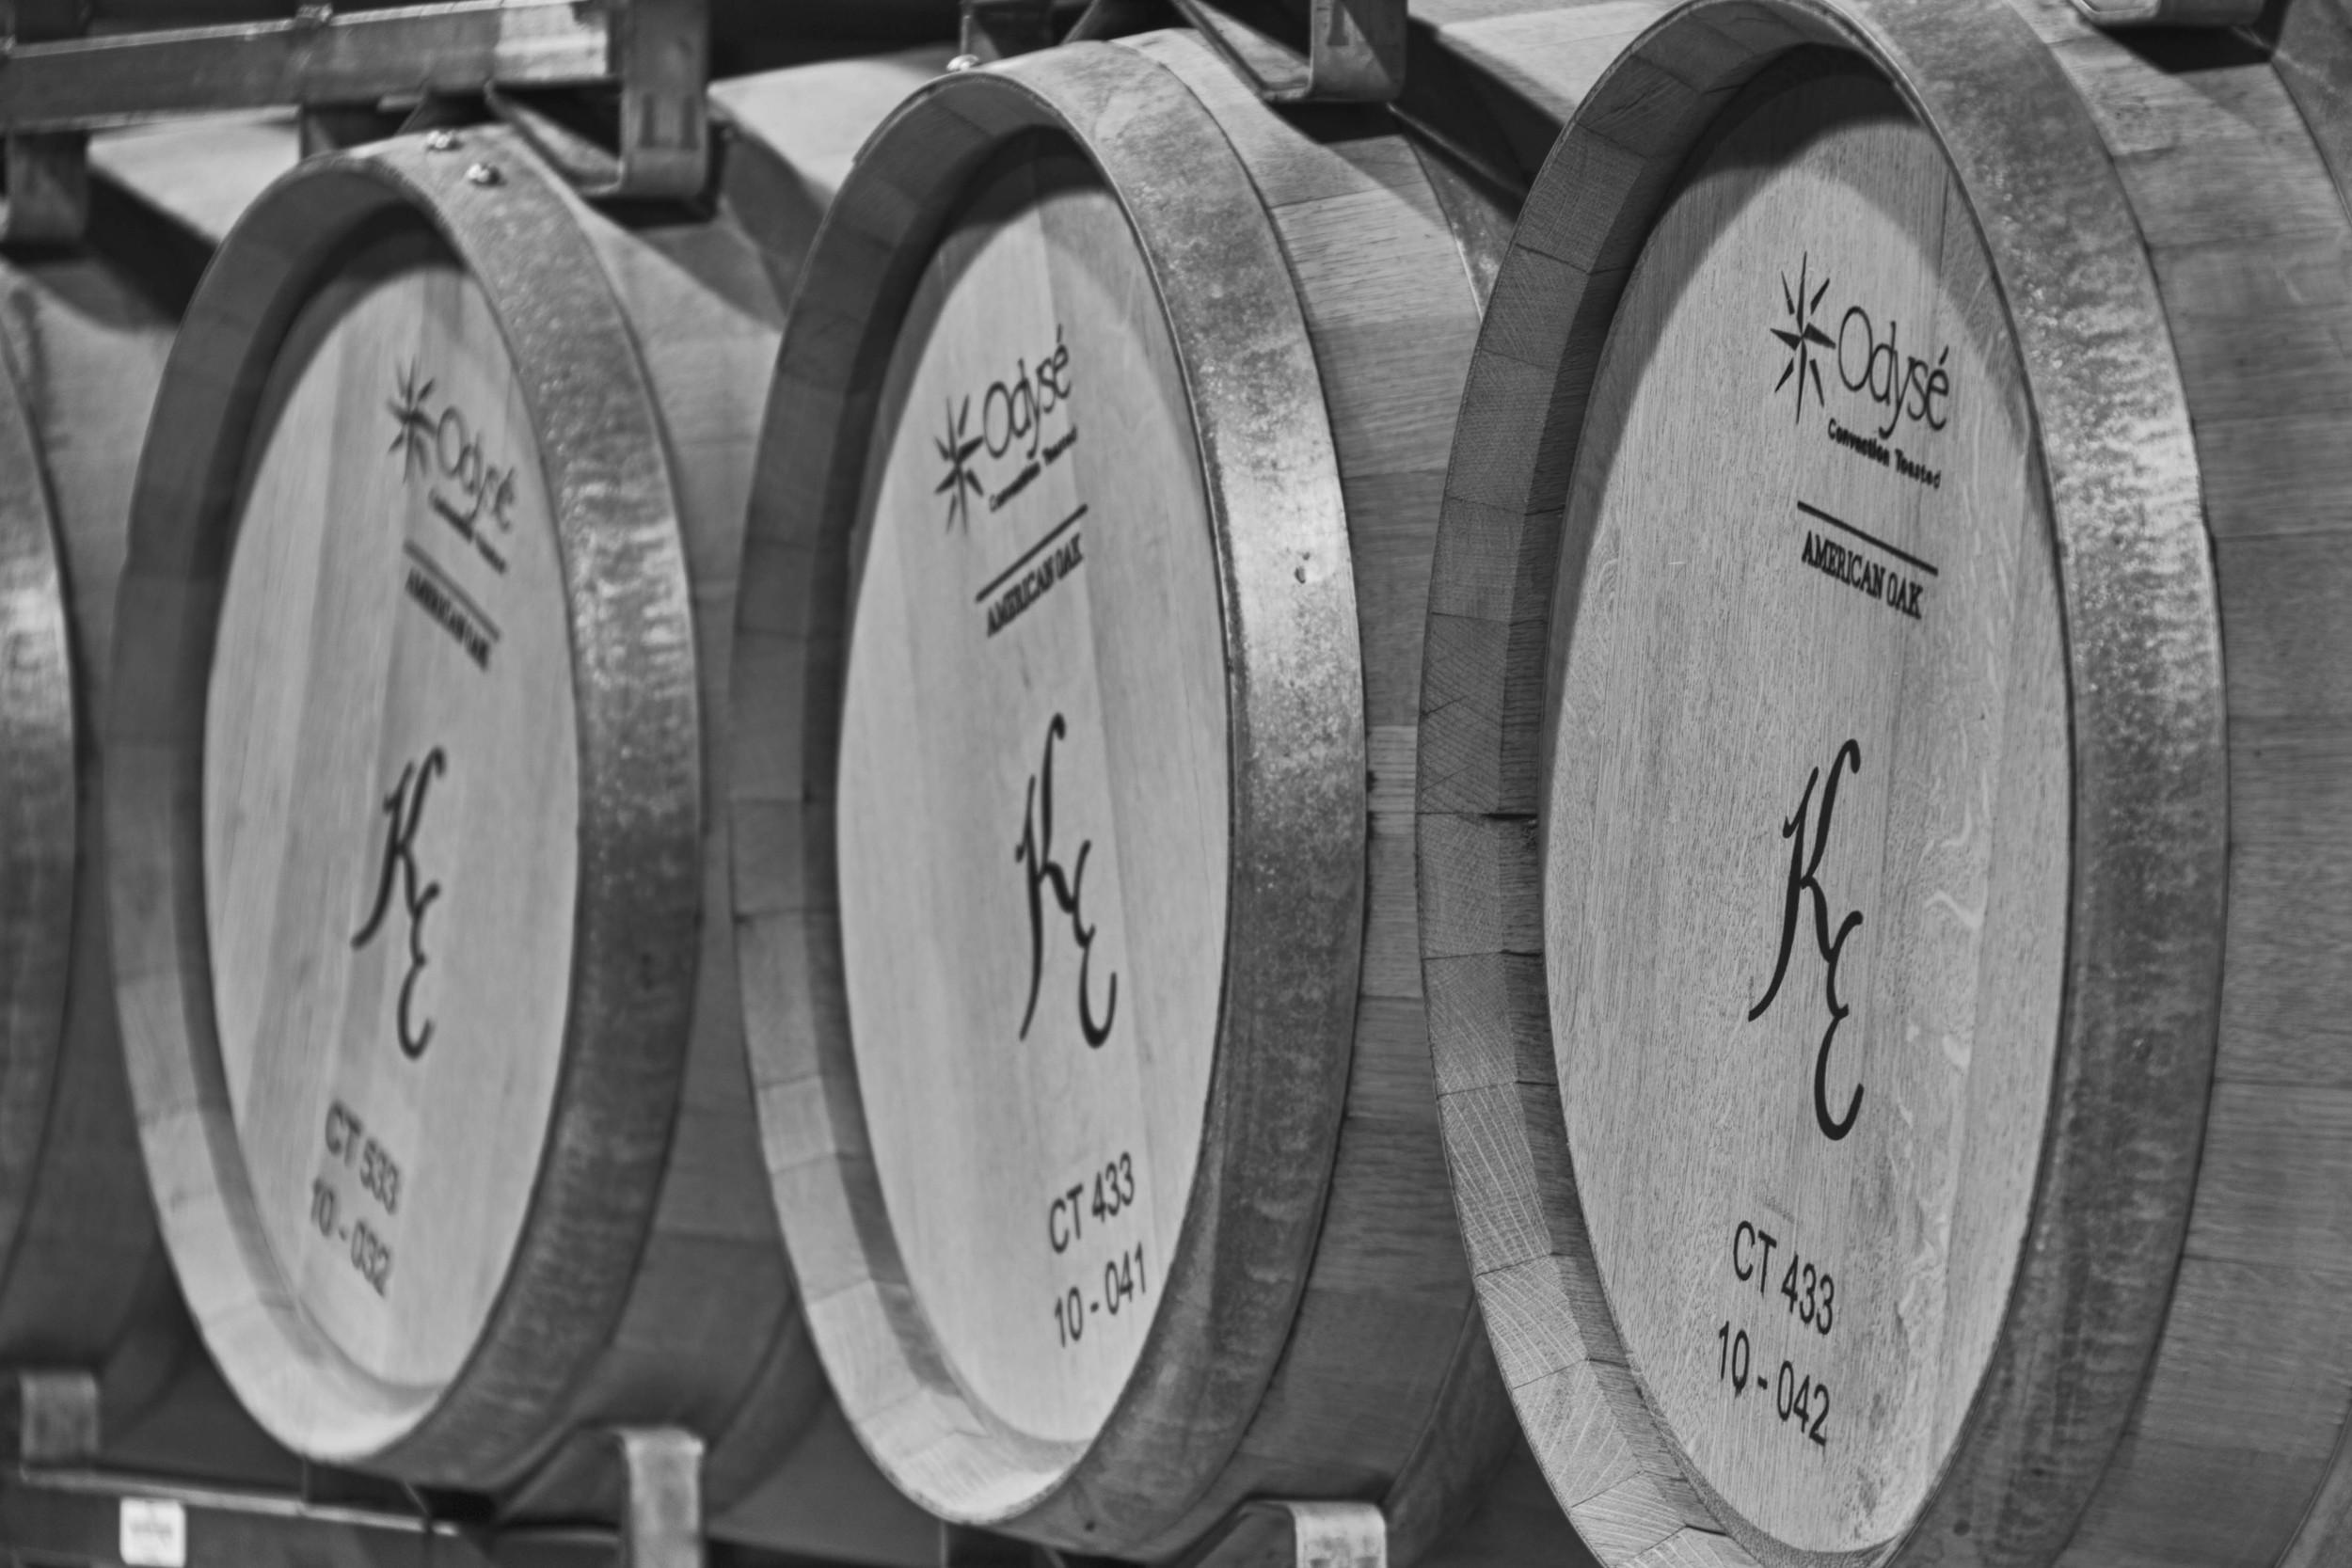 black_and_white_wine_barrels.jpg